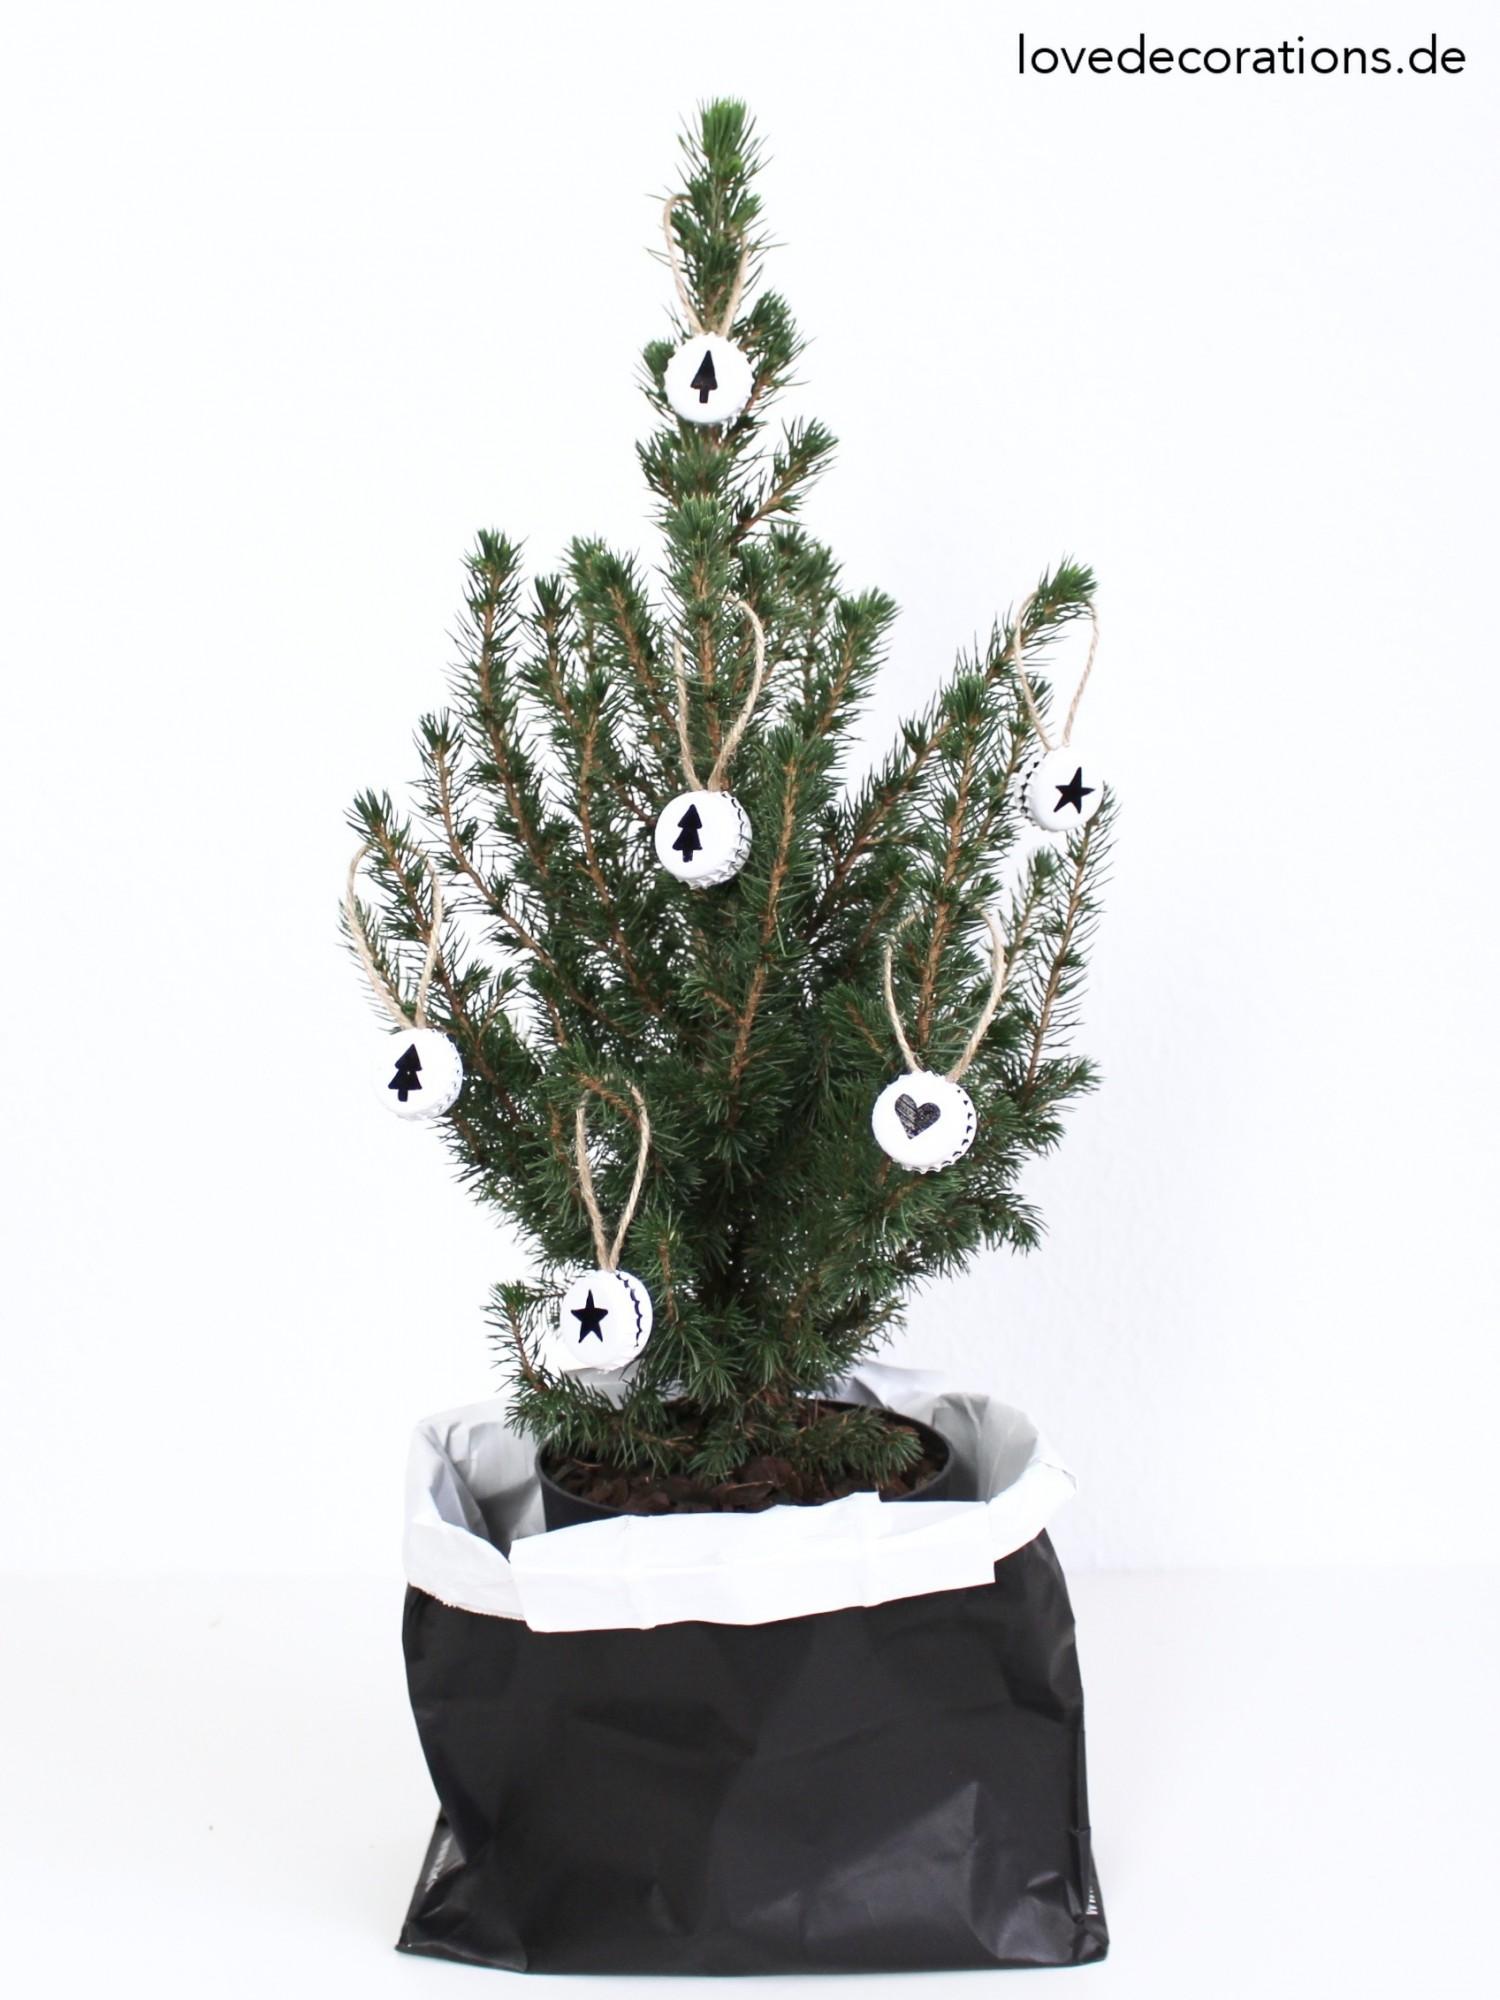 diy-weihnachtsanhaenger-aus-kronkorken-9